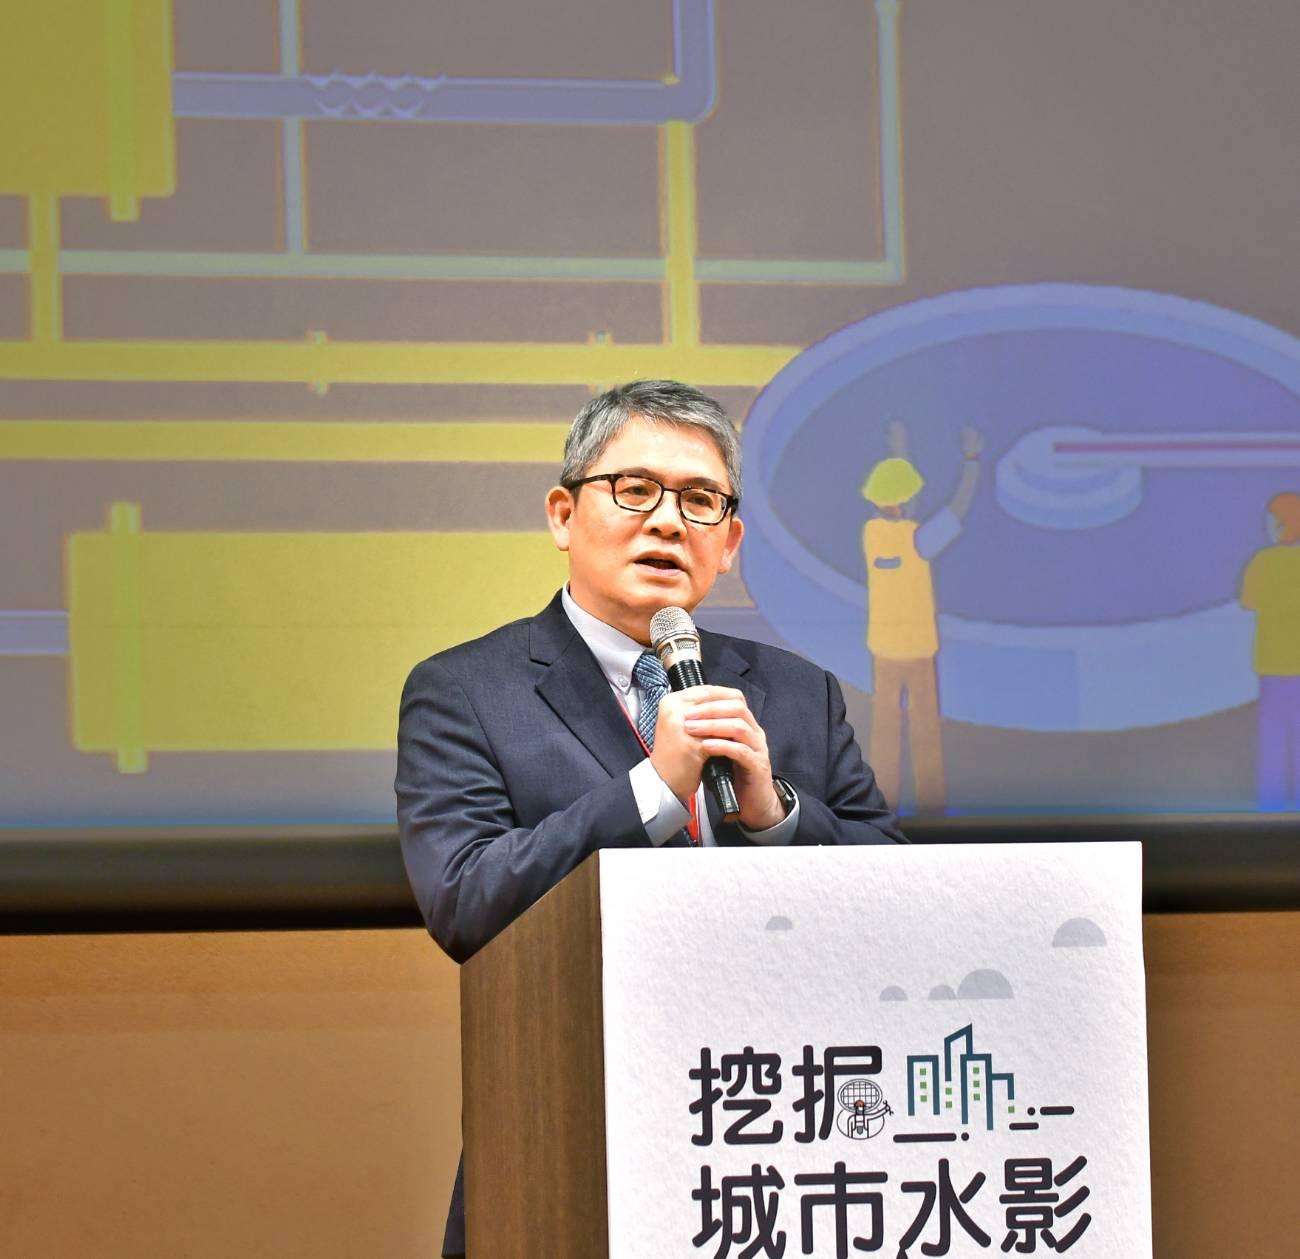 內政部次長花敬群表示,將持續與地方政府合作,加速污水下水道興建